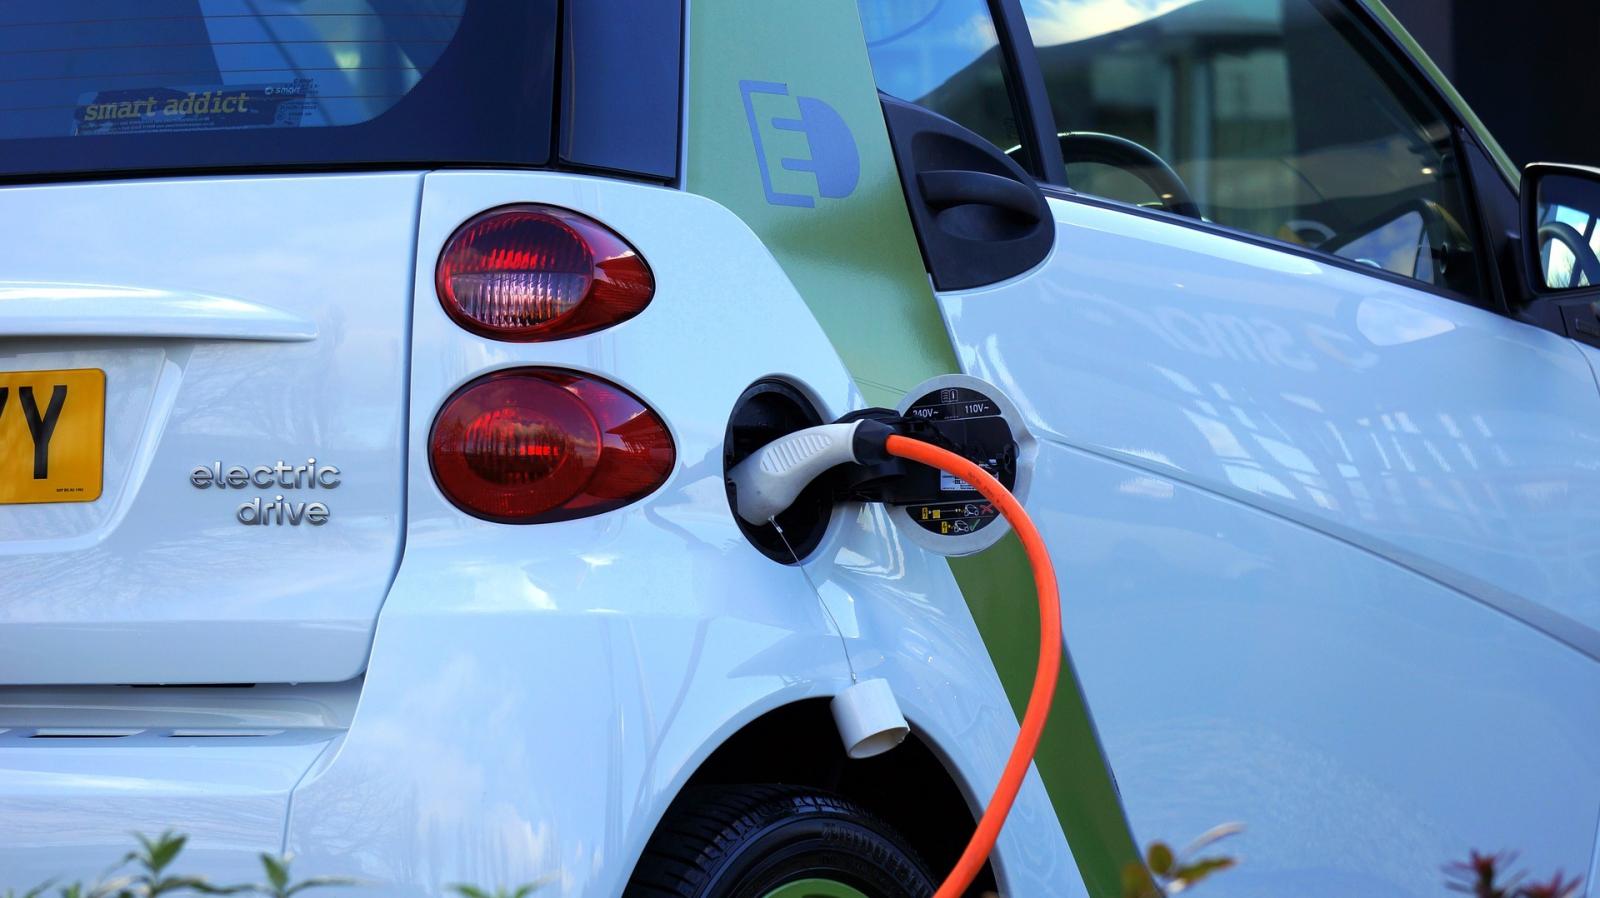 【汽車專知】電動車、油電車、汽油車該怎麼選?哪個比較好?